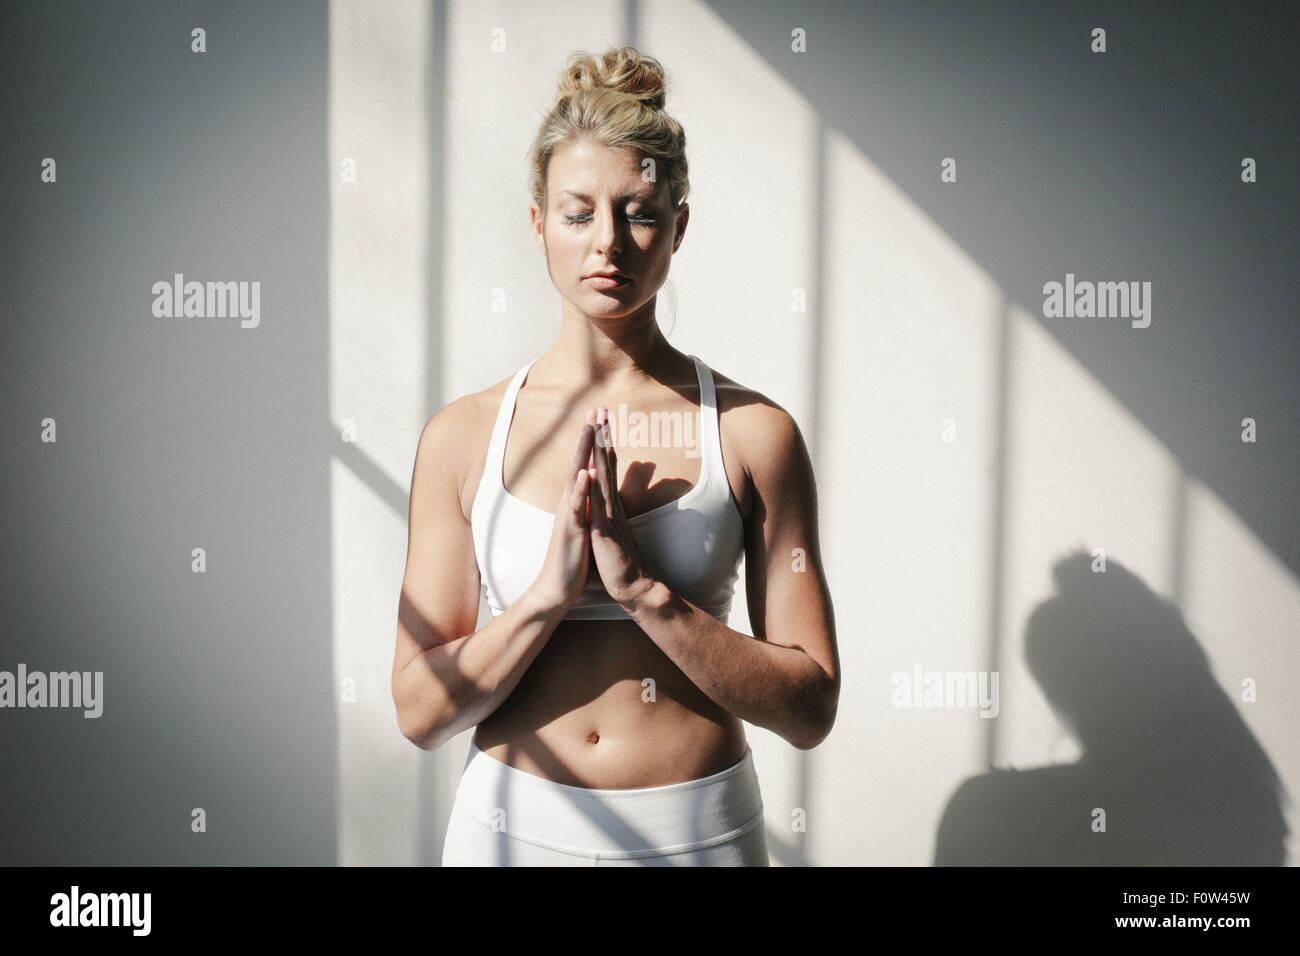 Eine blonde Frau, Augen geschlossen, in ein weißes bauchfreies Top und Leggings, steht man vor einer weißen Stockbild